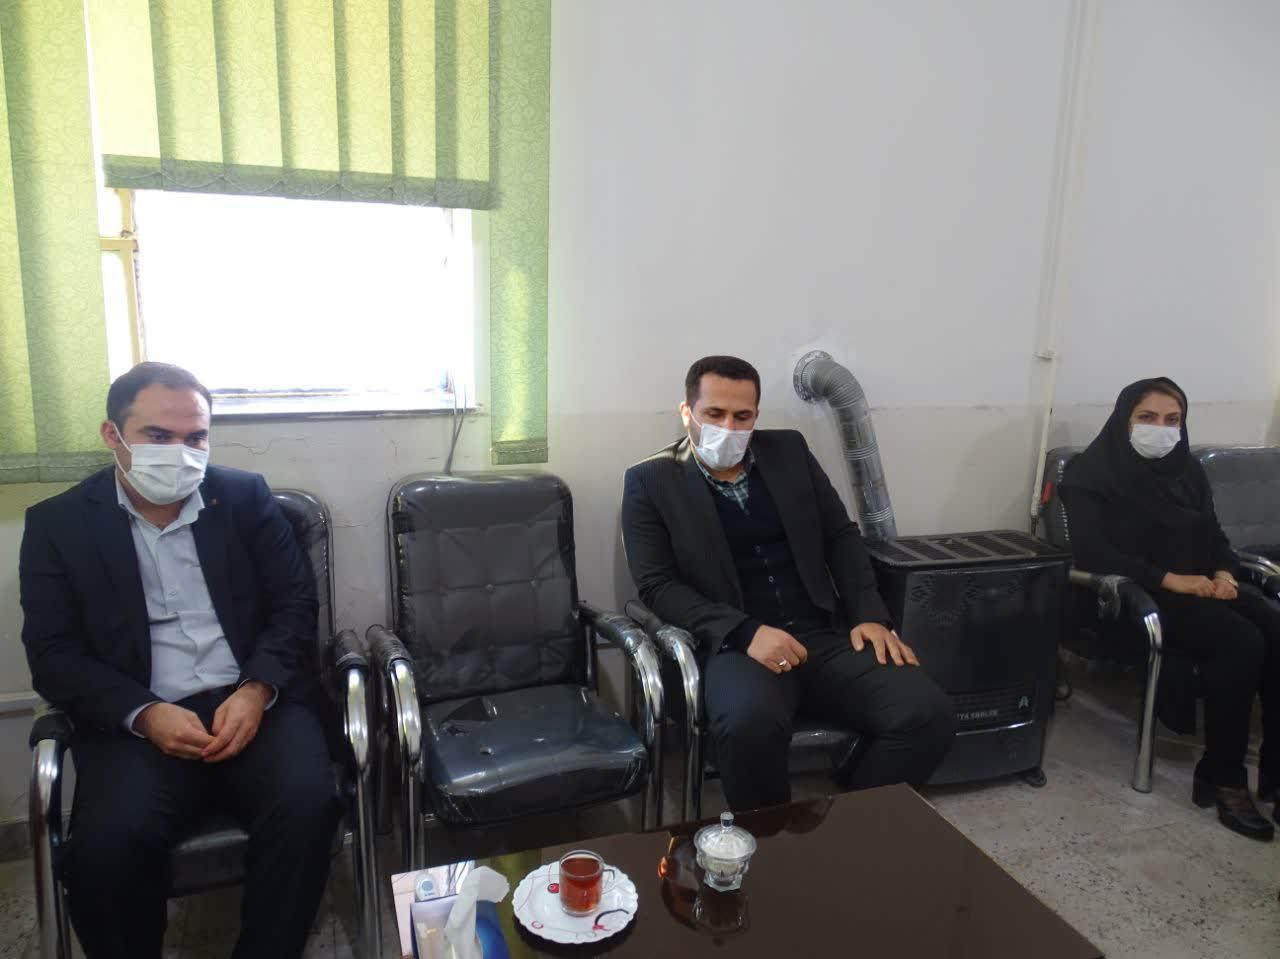 دیدار سرپرست پزشکی قانونی با رئیس دادگستری شهرستان باشت